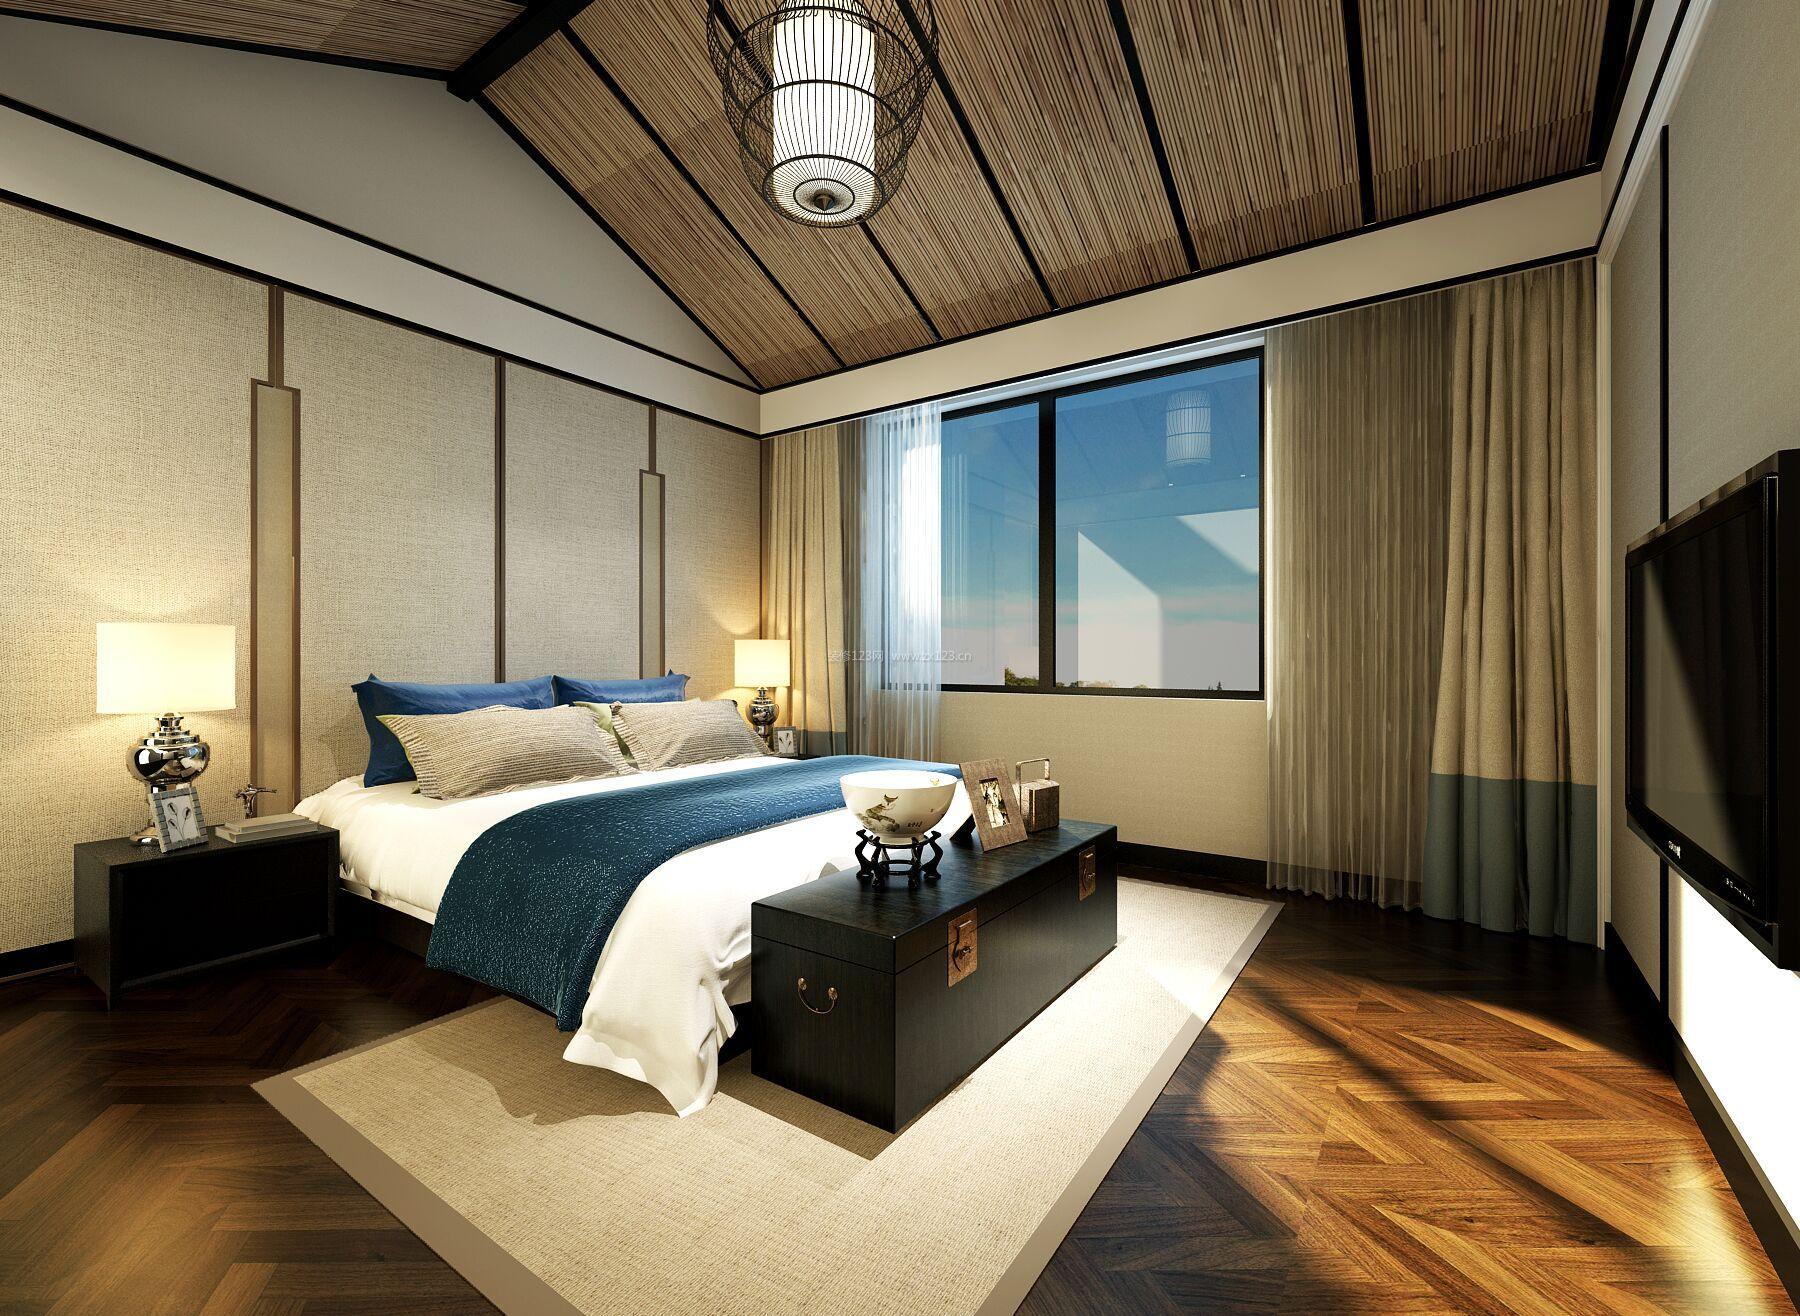 新中式风格别墅阁楼卧室装修效果图